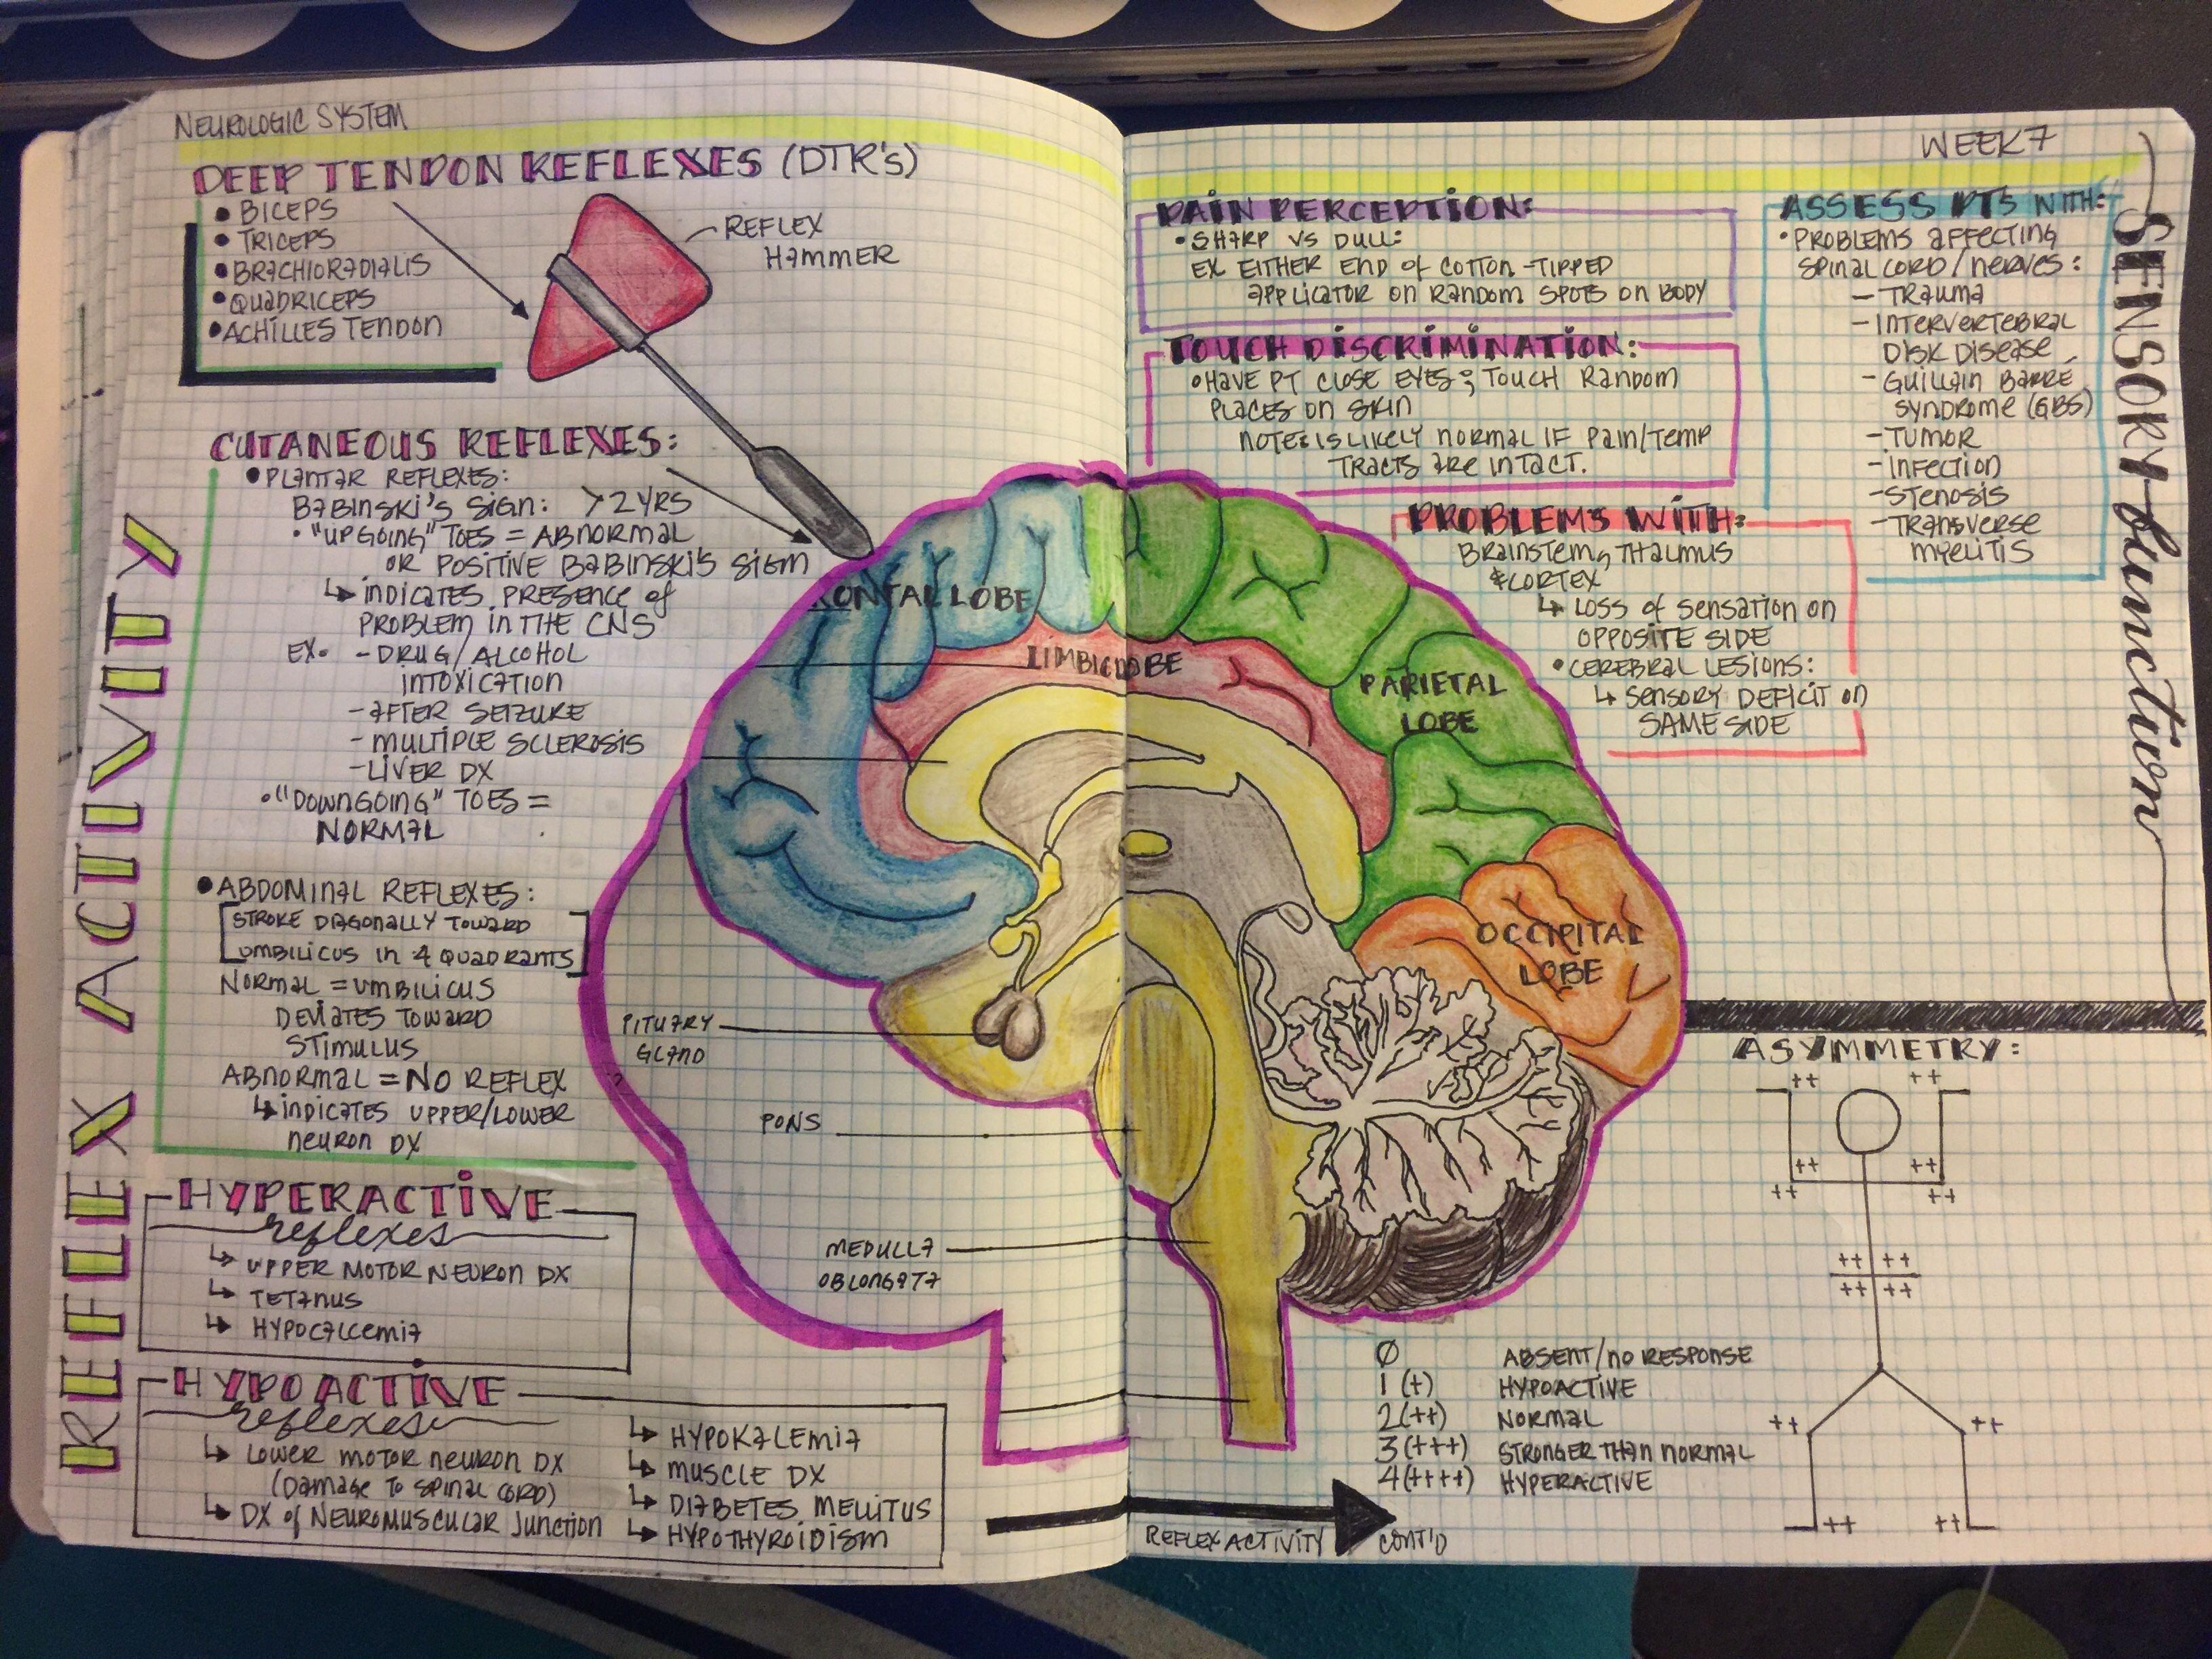 Pin by Ja Dii on Nursing School | Pinterest | Med school, Cranial ...